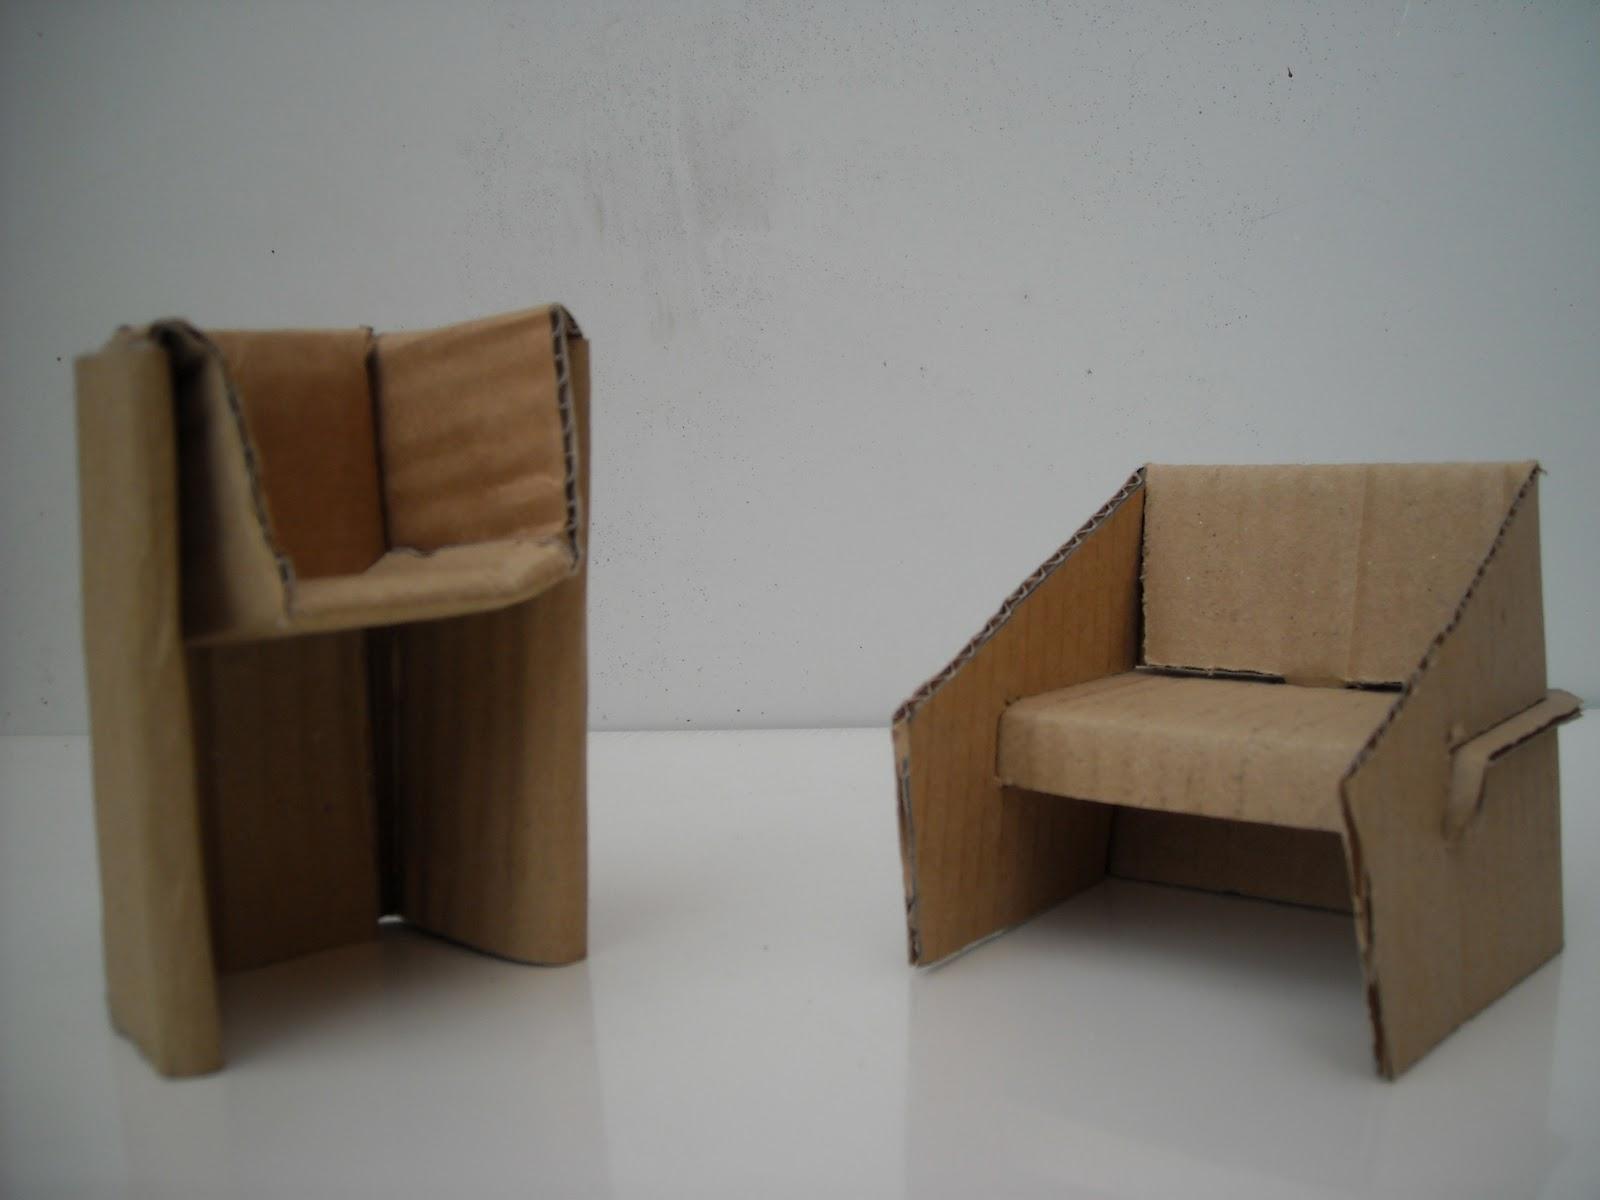 Como hacer muebles de papel para maquetas imagui como - Muebles de papel ...